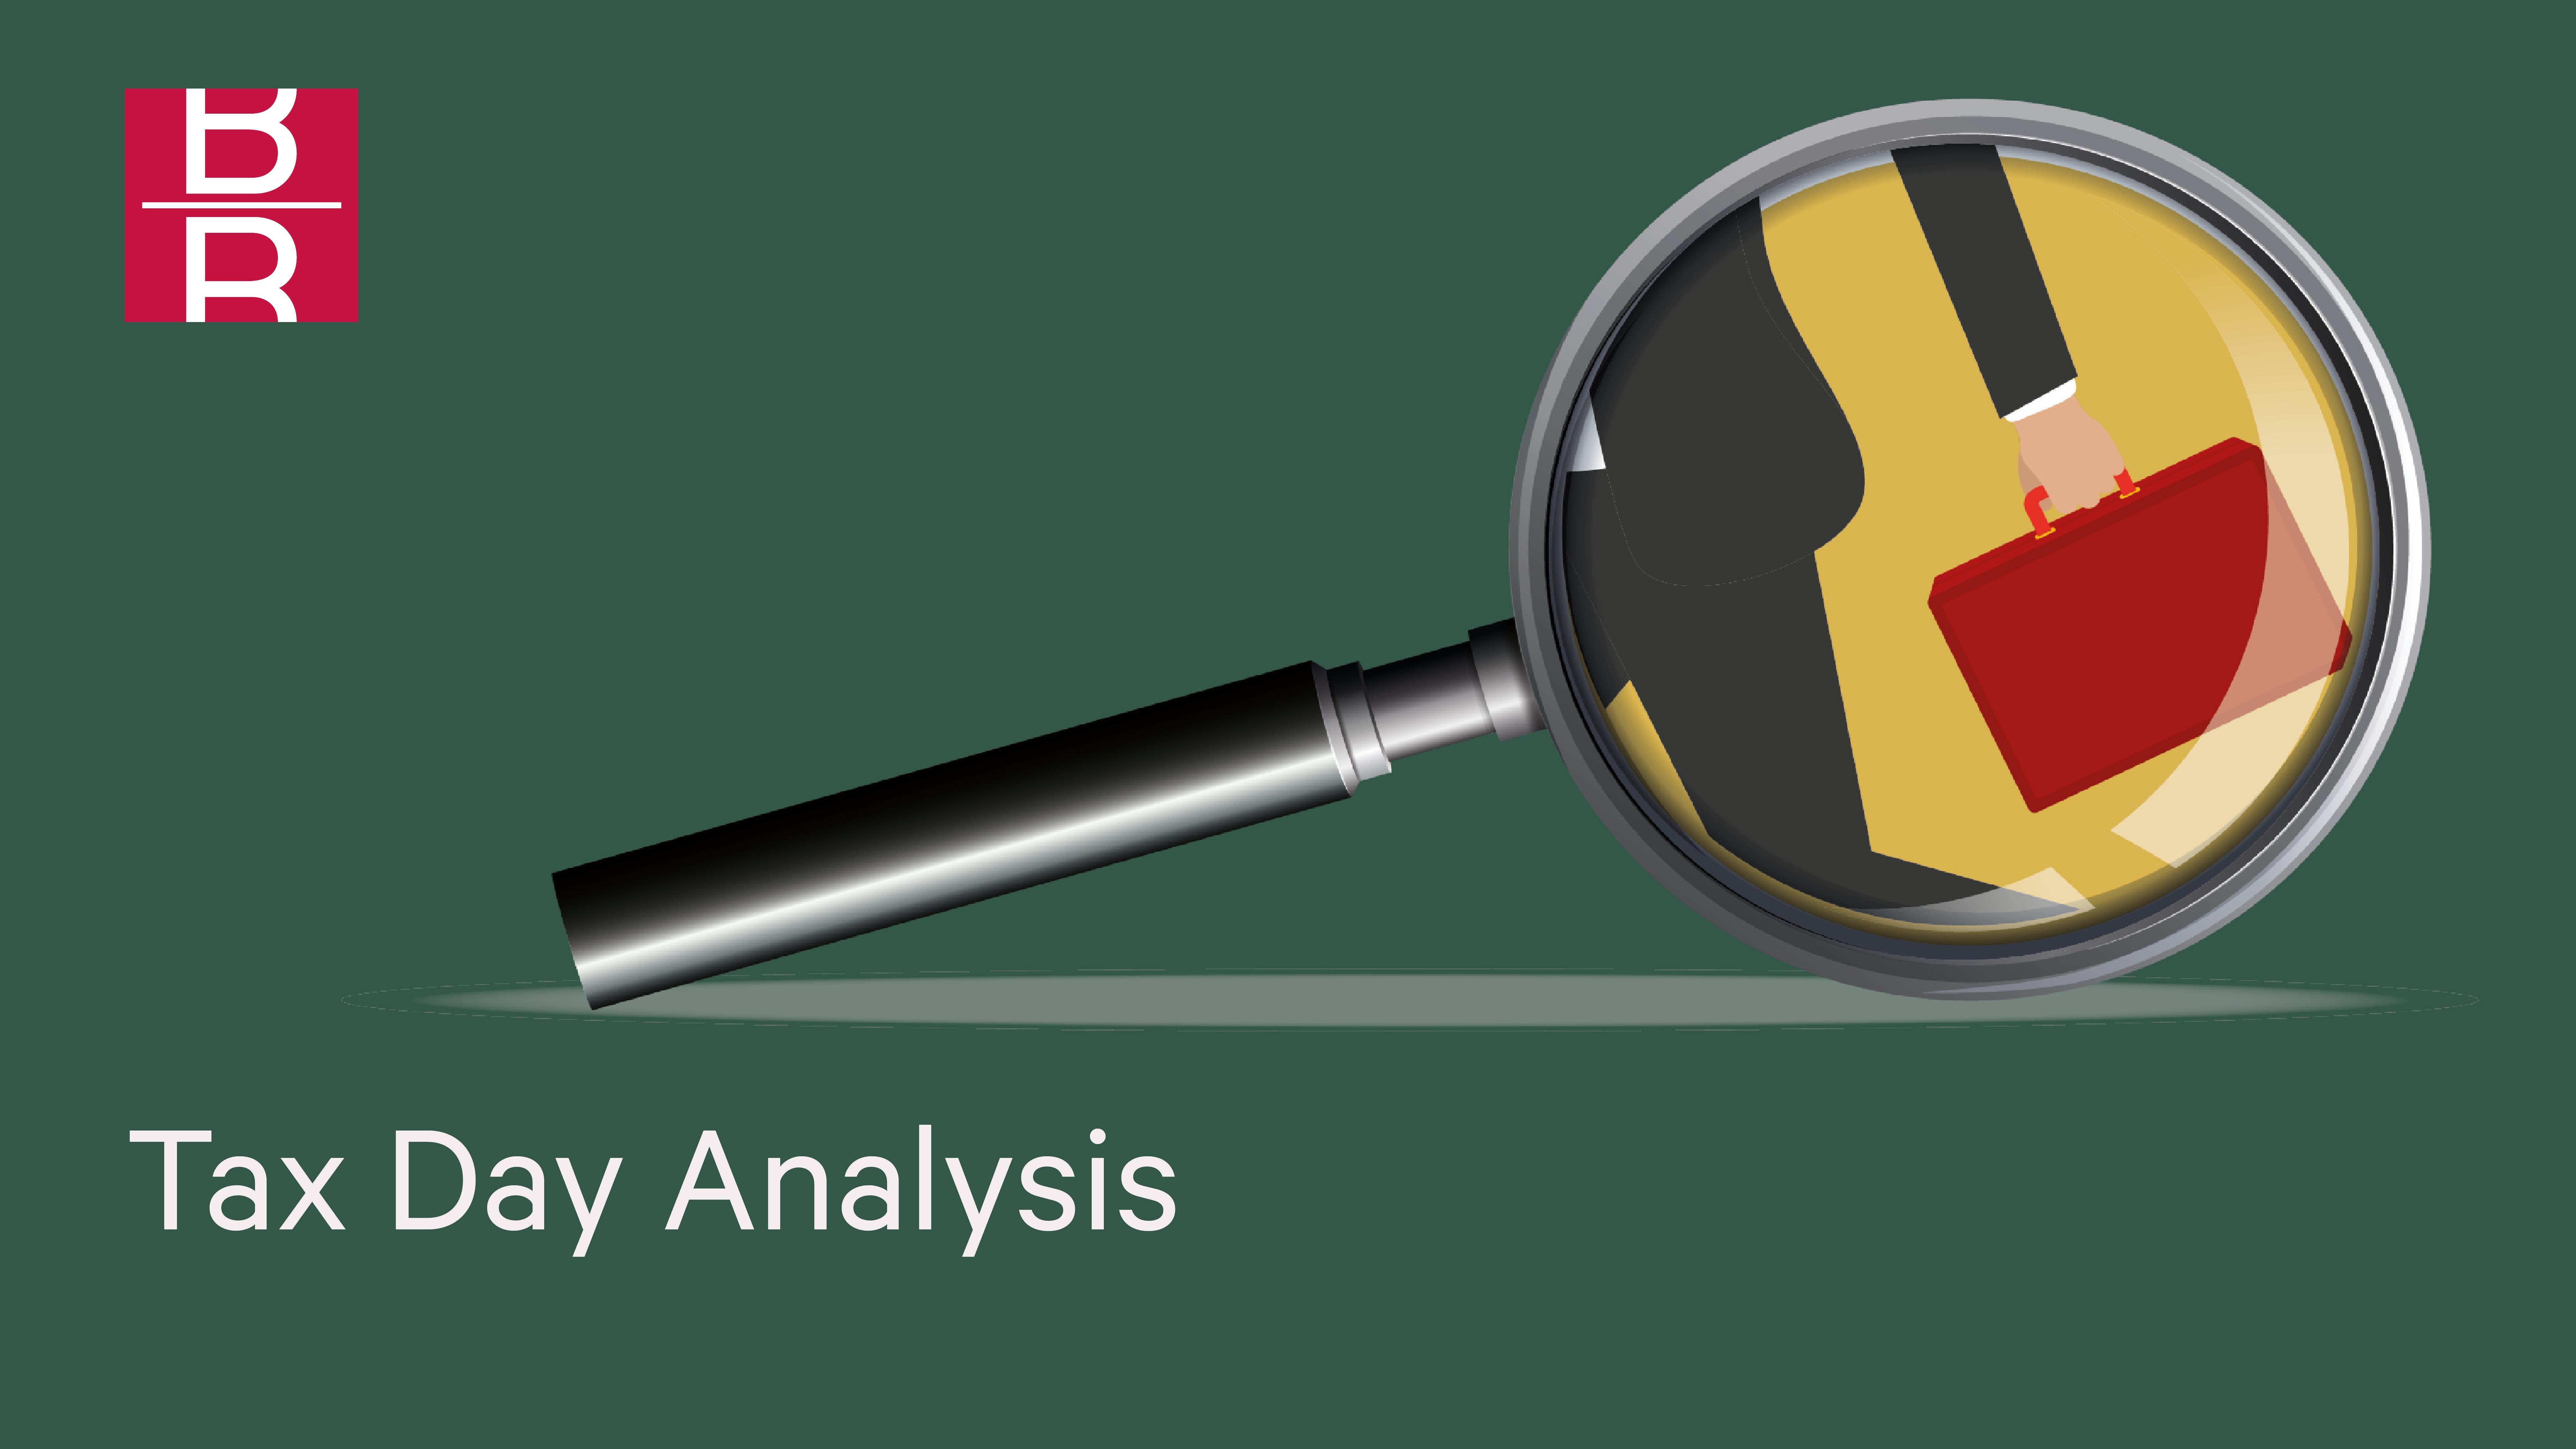 Tax Day Analysis v2